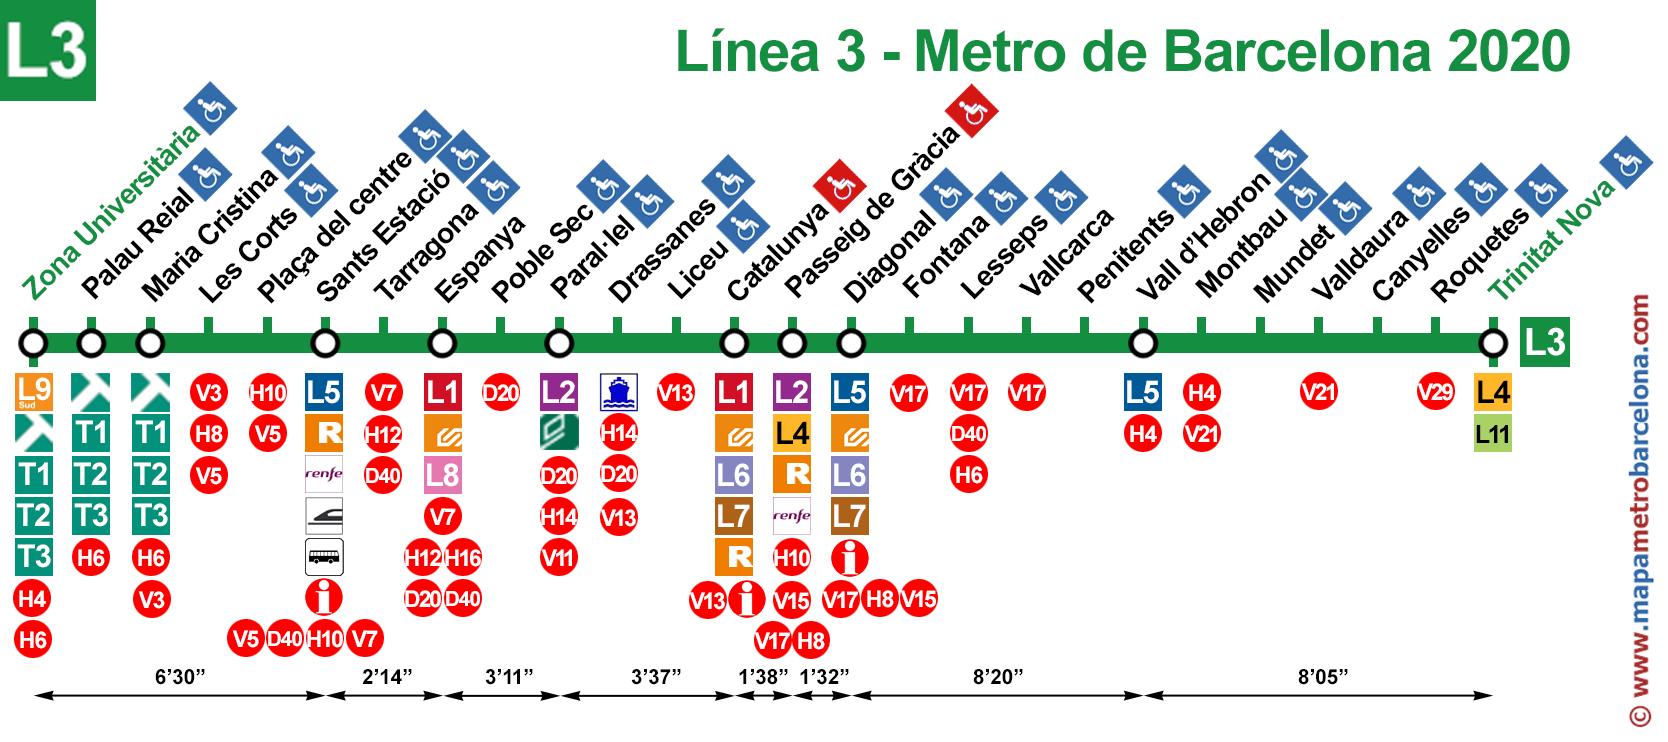 Mapa Metro De Barcelona Actualizado.Linea 3 Verde L3 Del Metro De Barcelona Actualizado 2019